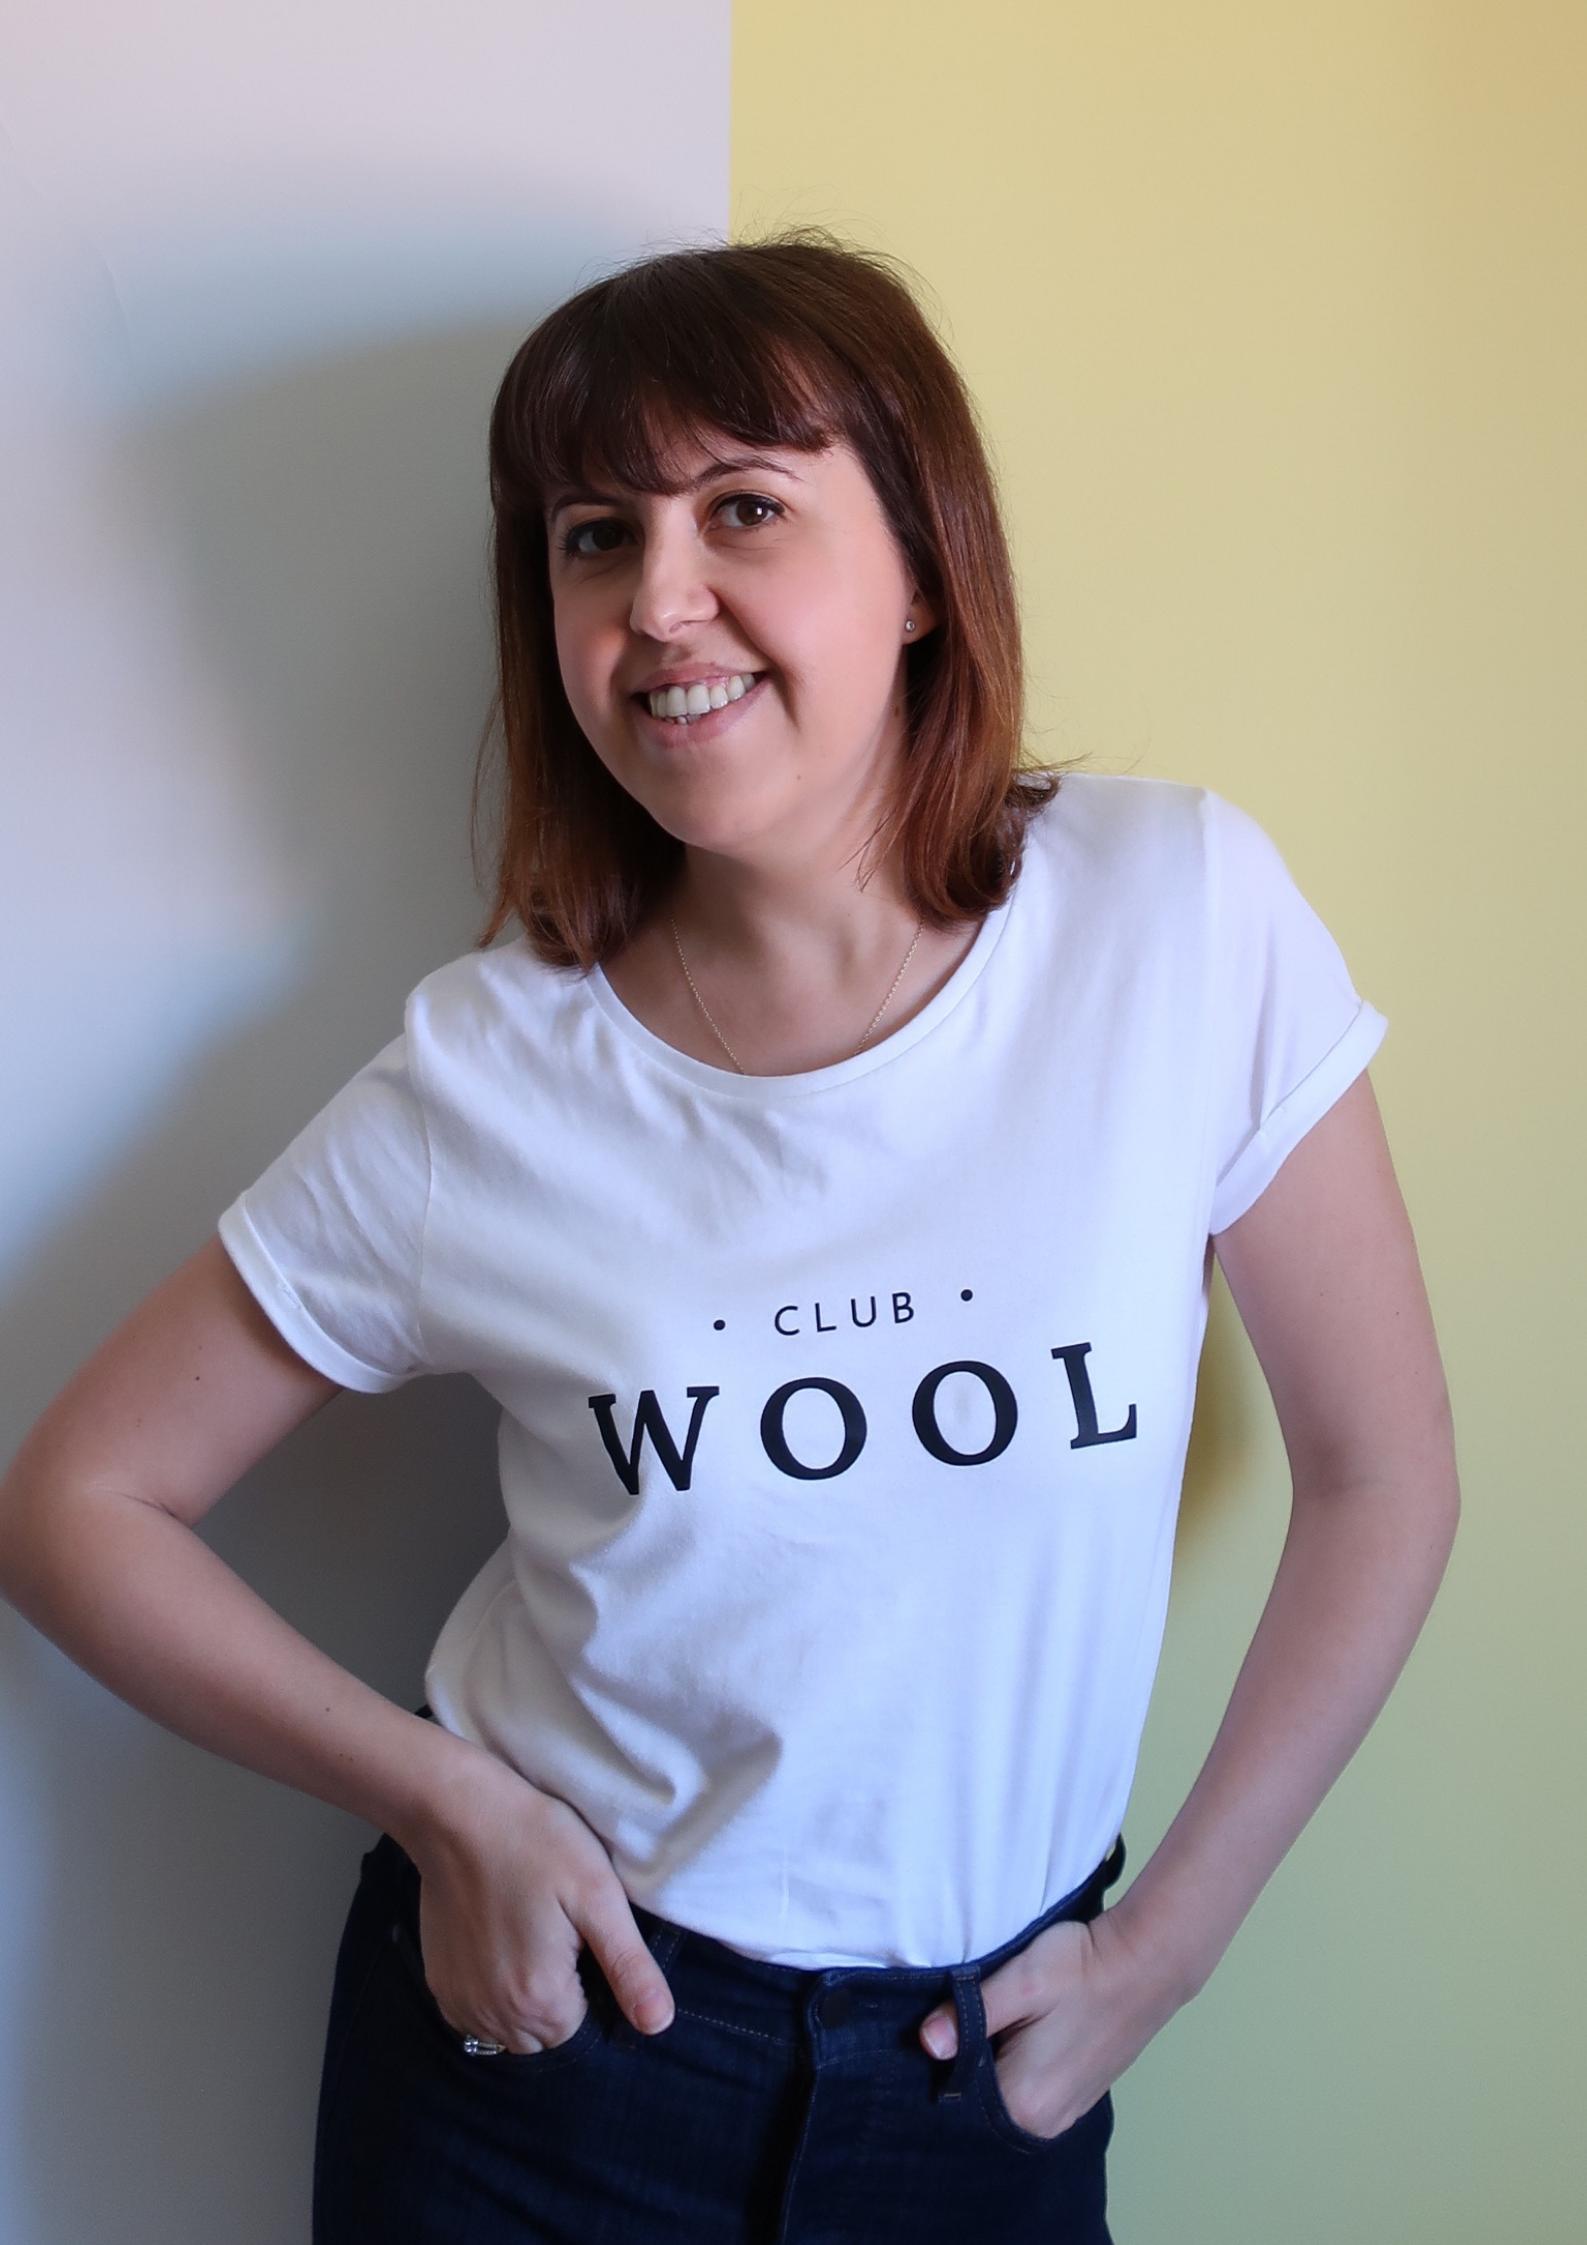 Bernie Torres est la Présidente du Club Wool.